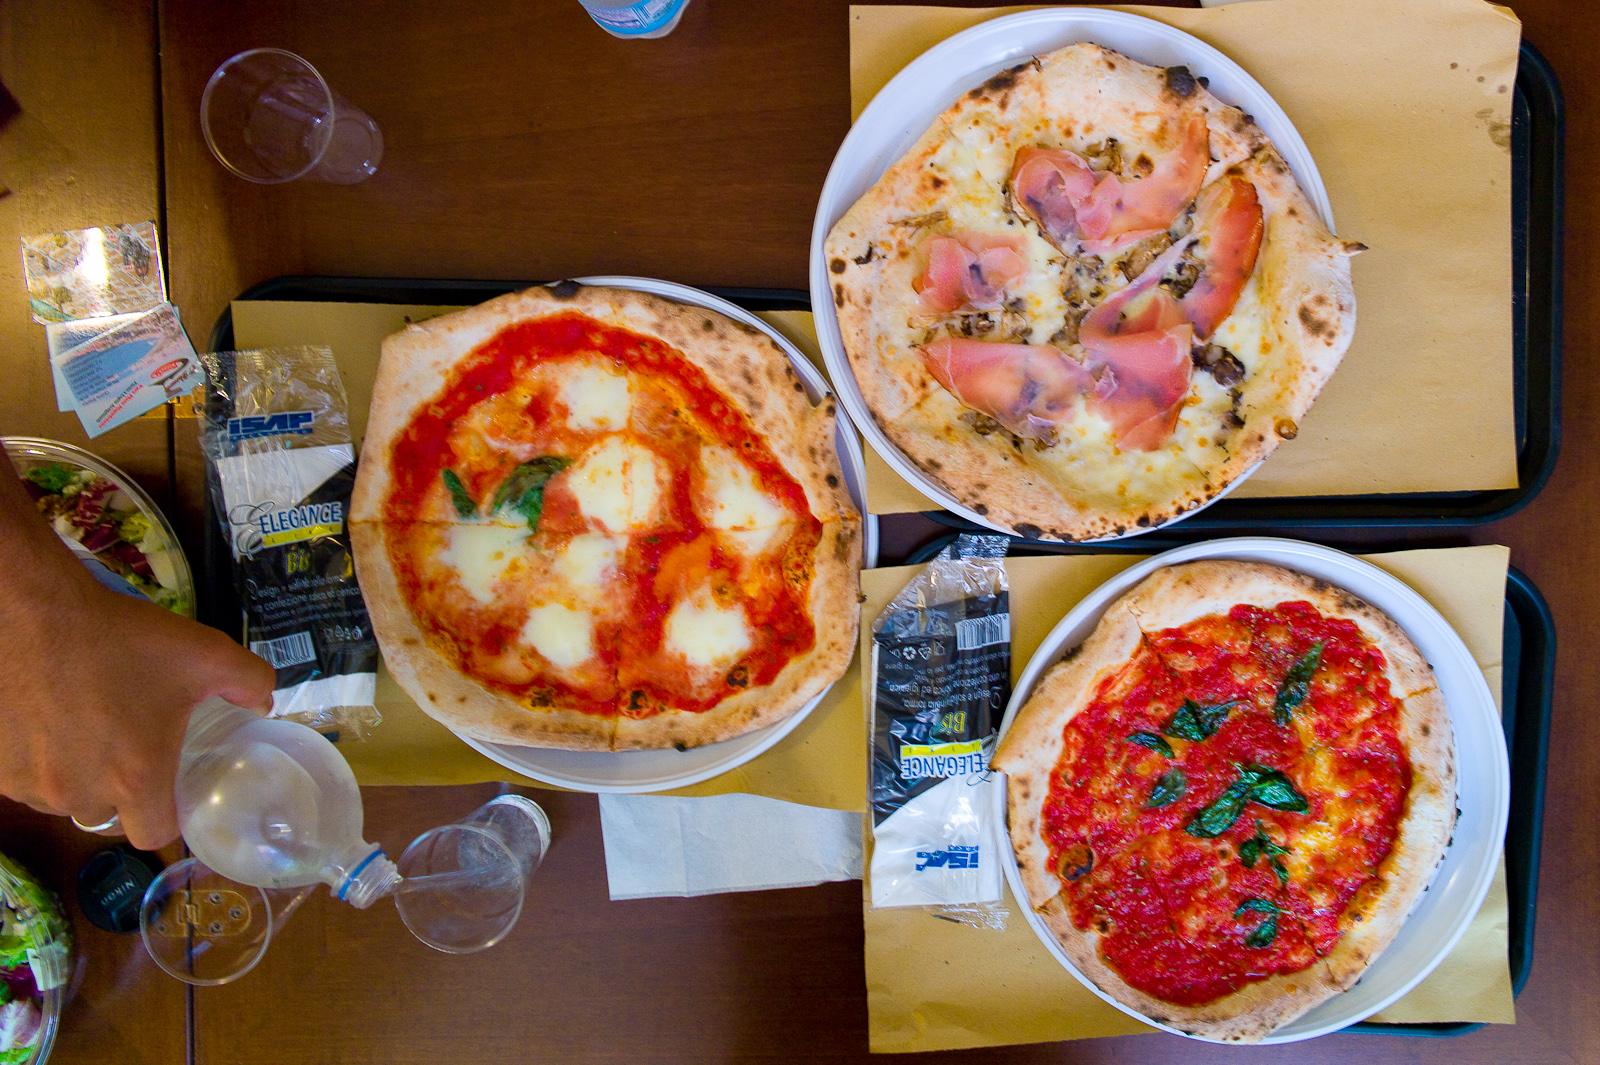 Pizza margherita, pizza marinara, pizza with speck and tomato